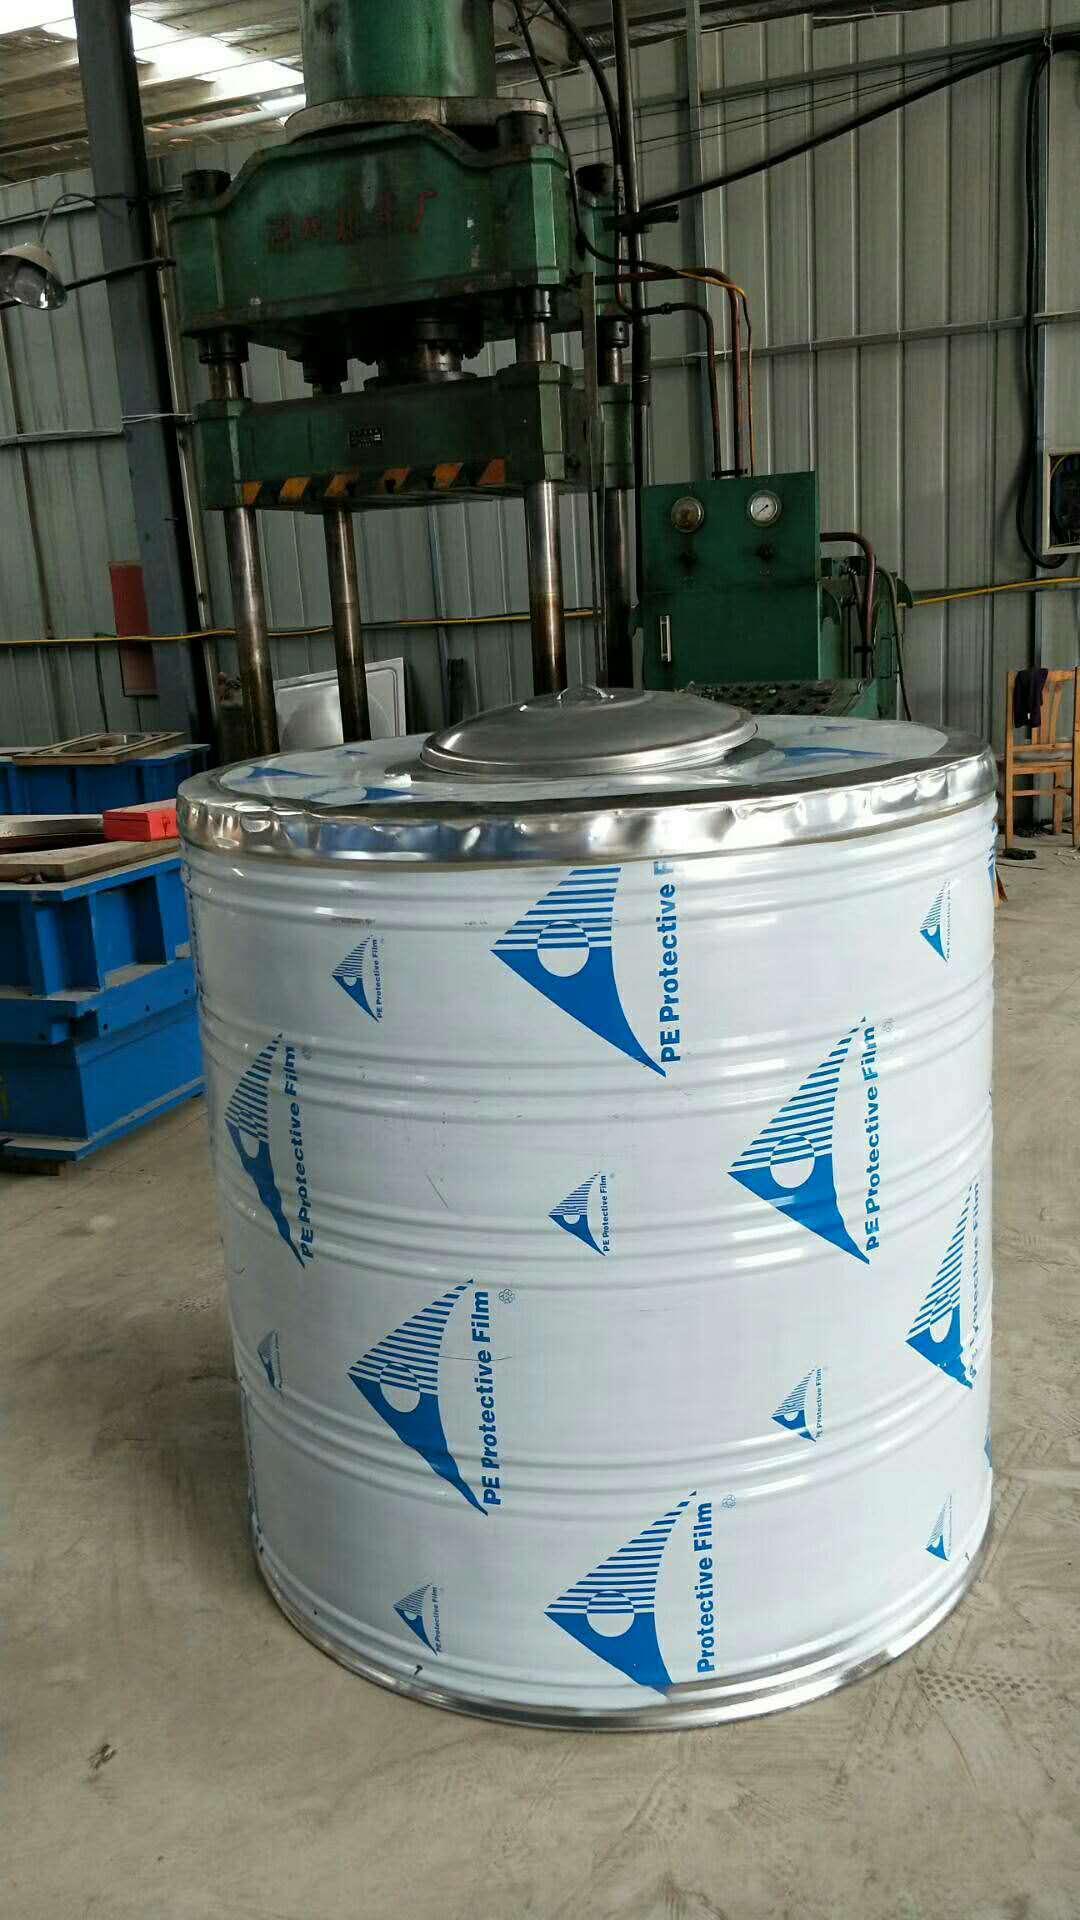 镇江力源保温水箱 消防水箱厂家定制 优良不锈钢水箱